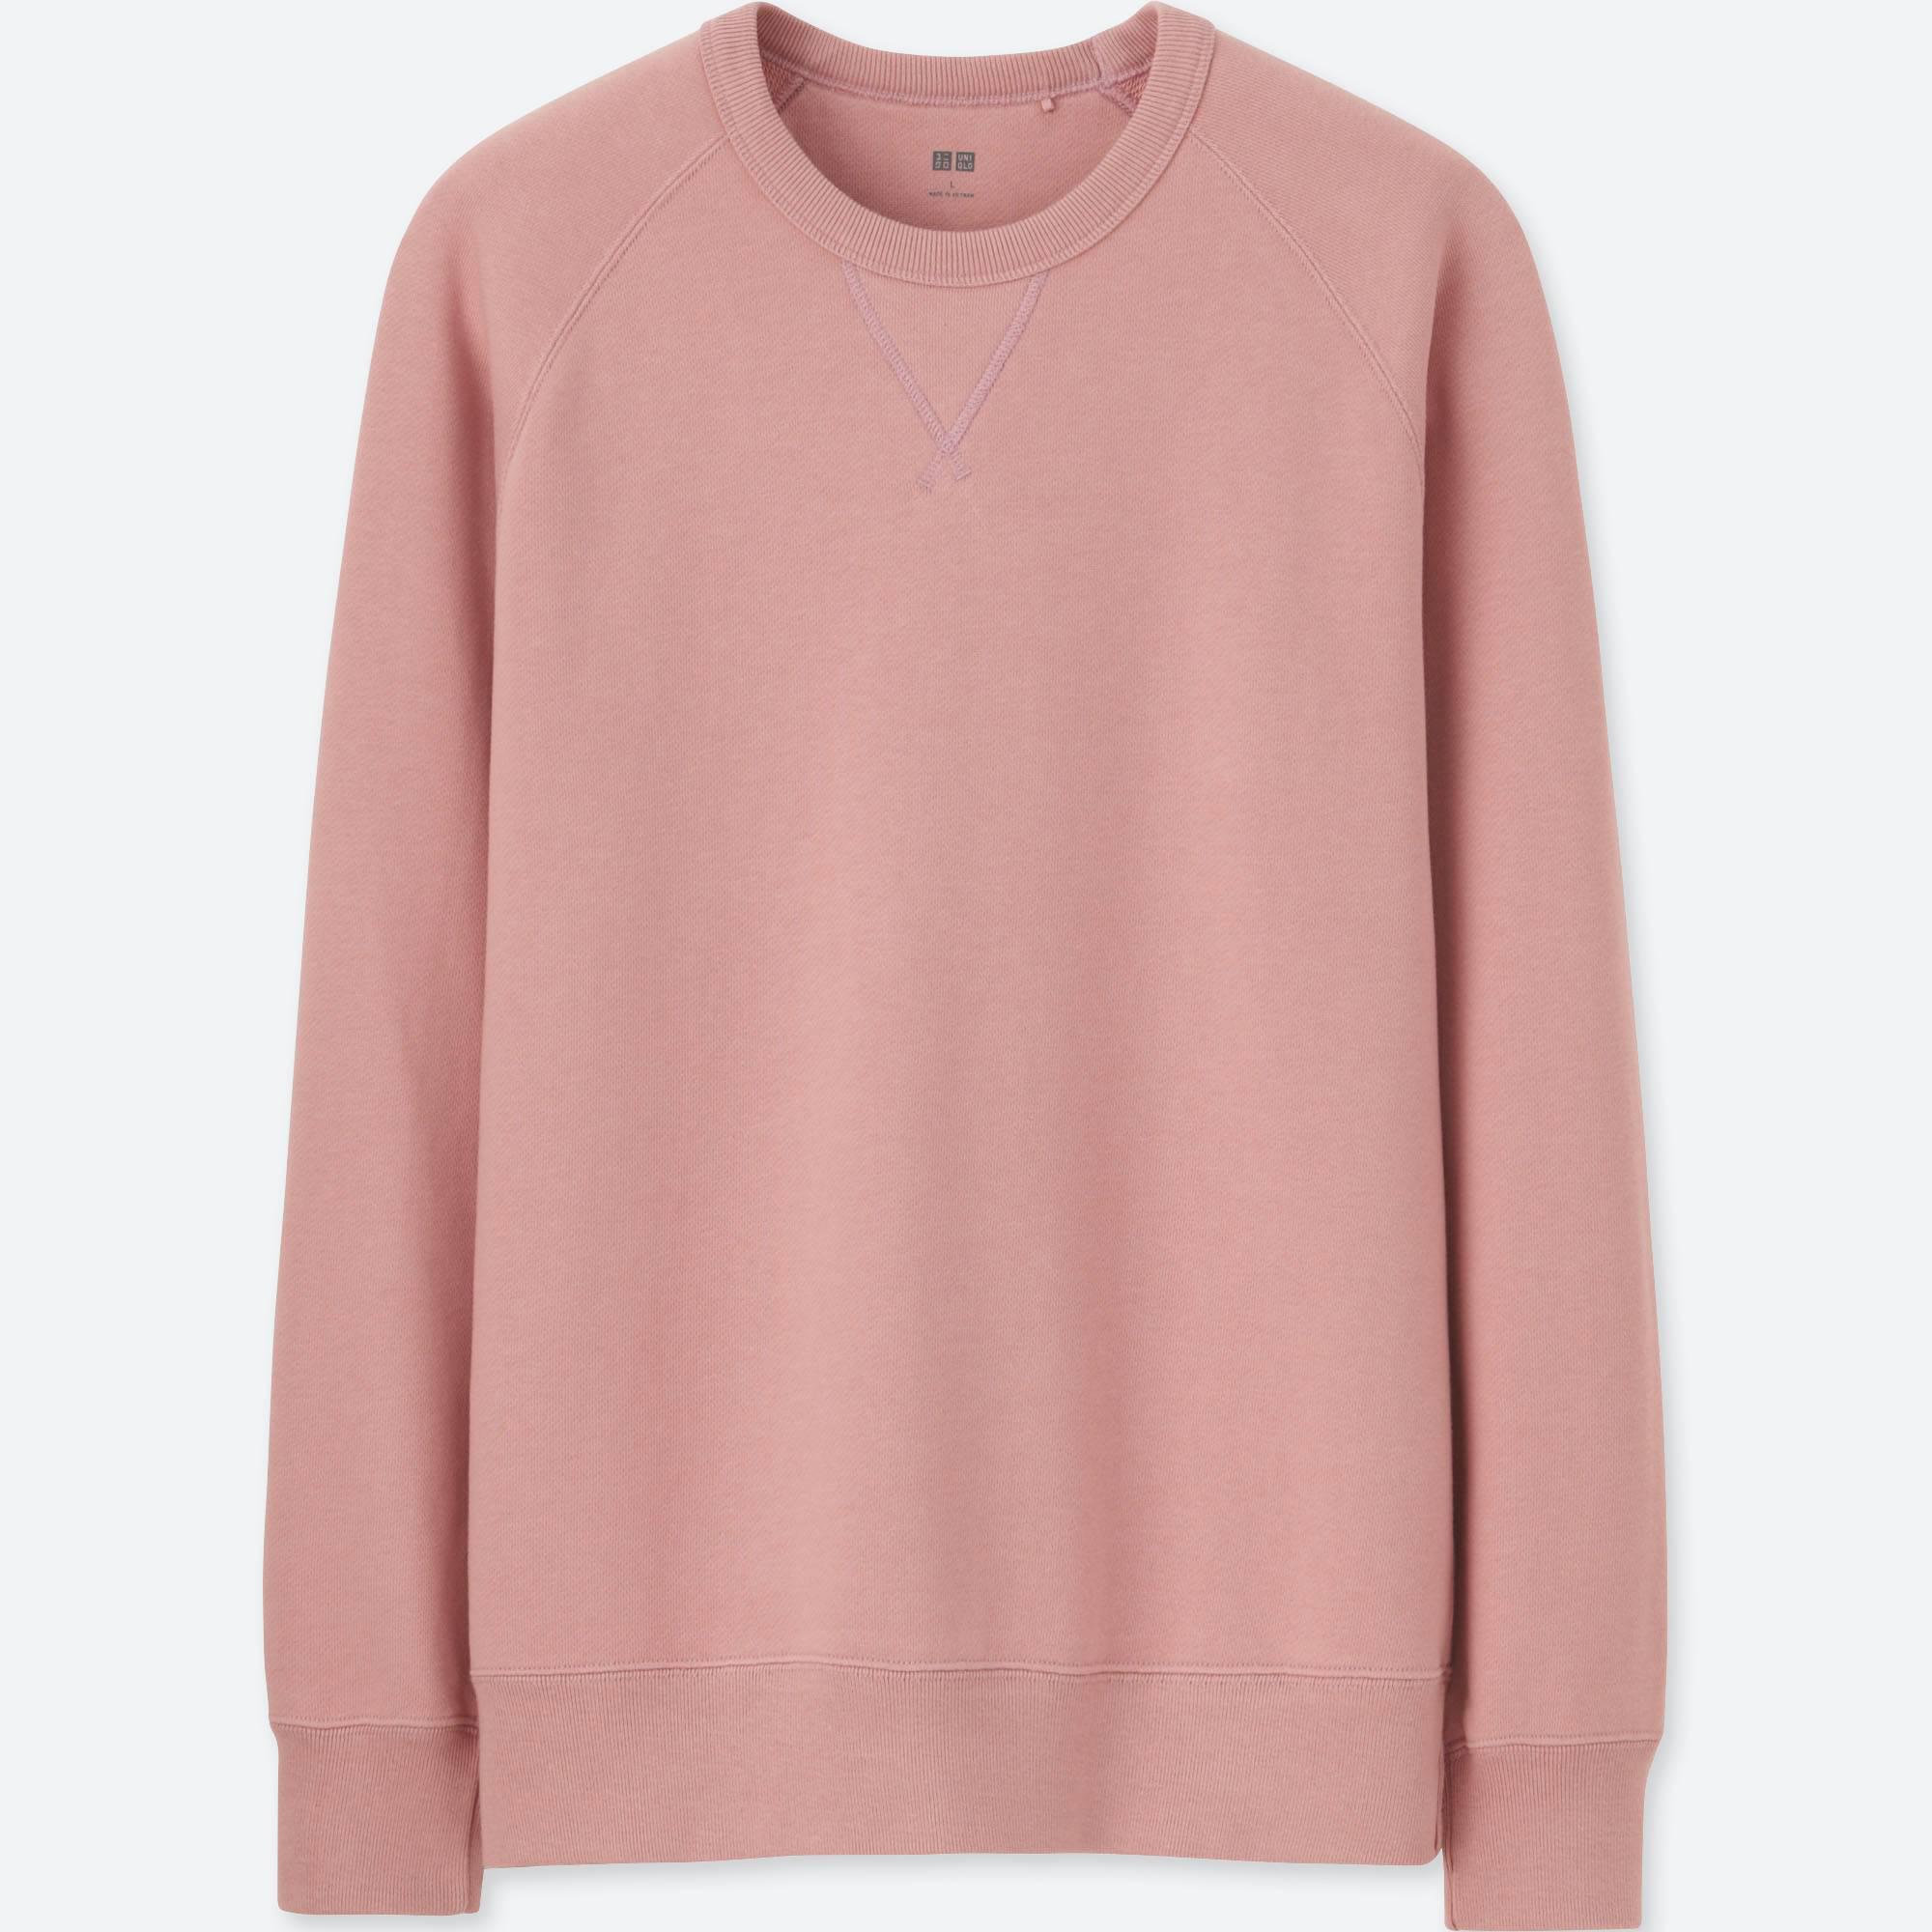 Uniqlo Sweaters Mens